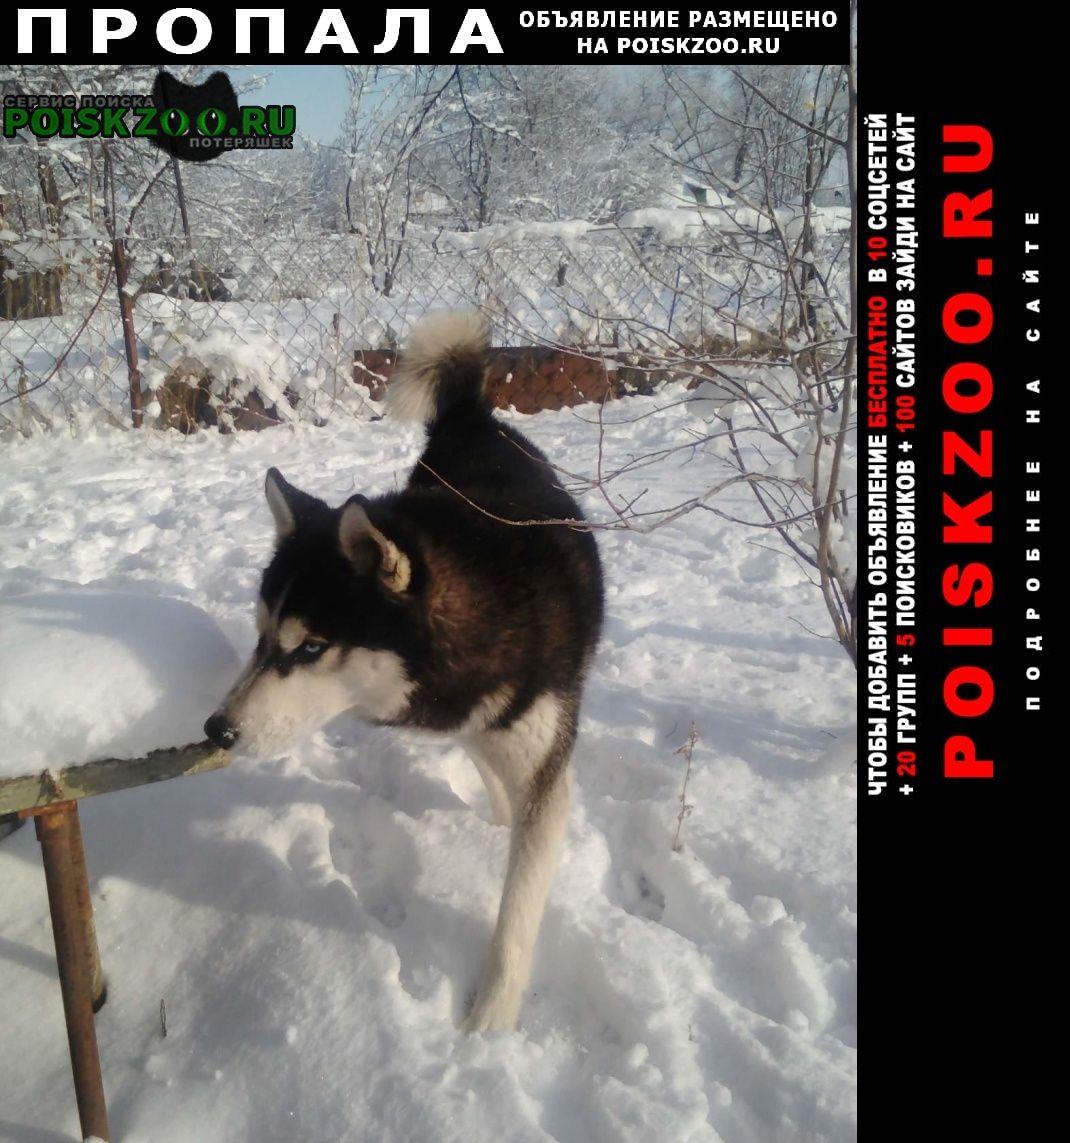 Пропала собака кобель Новопавловск